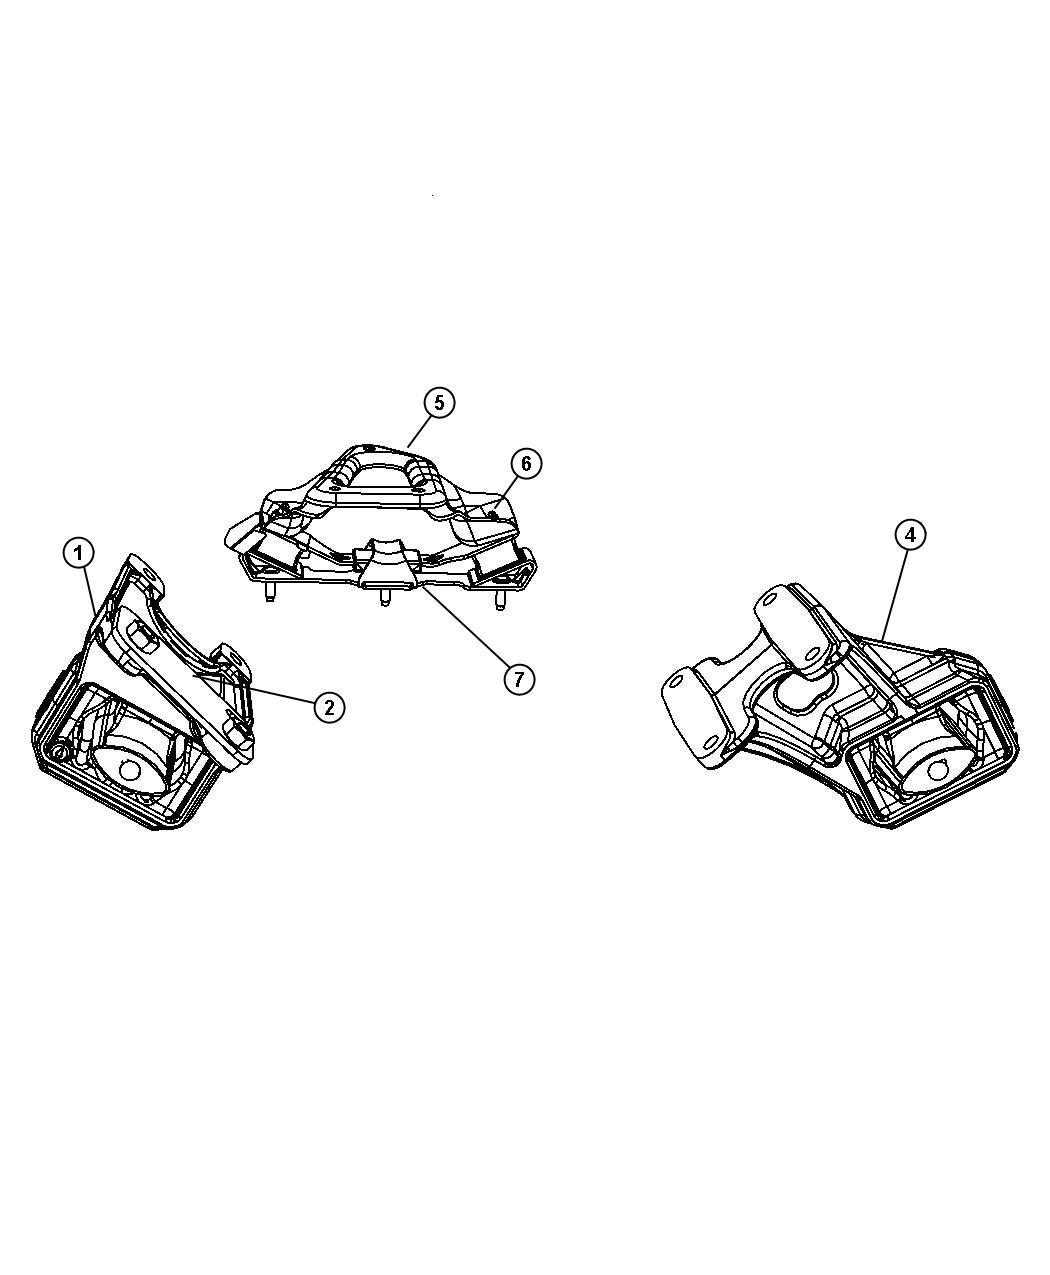 Dodge Ram 3500 Bracket, isolator, used for: bracket and